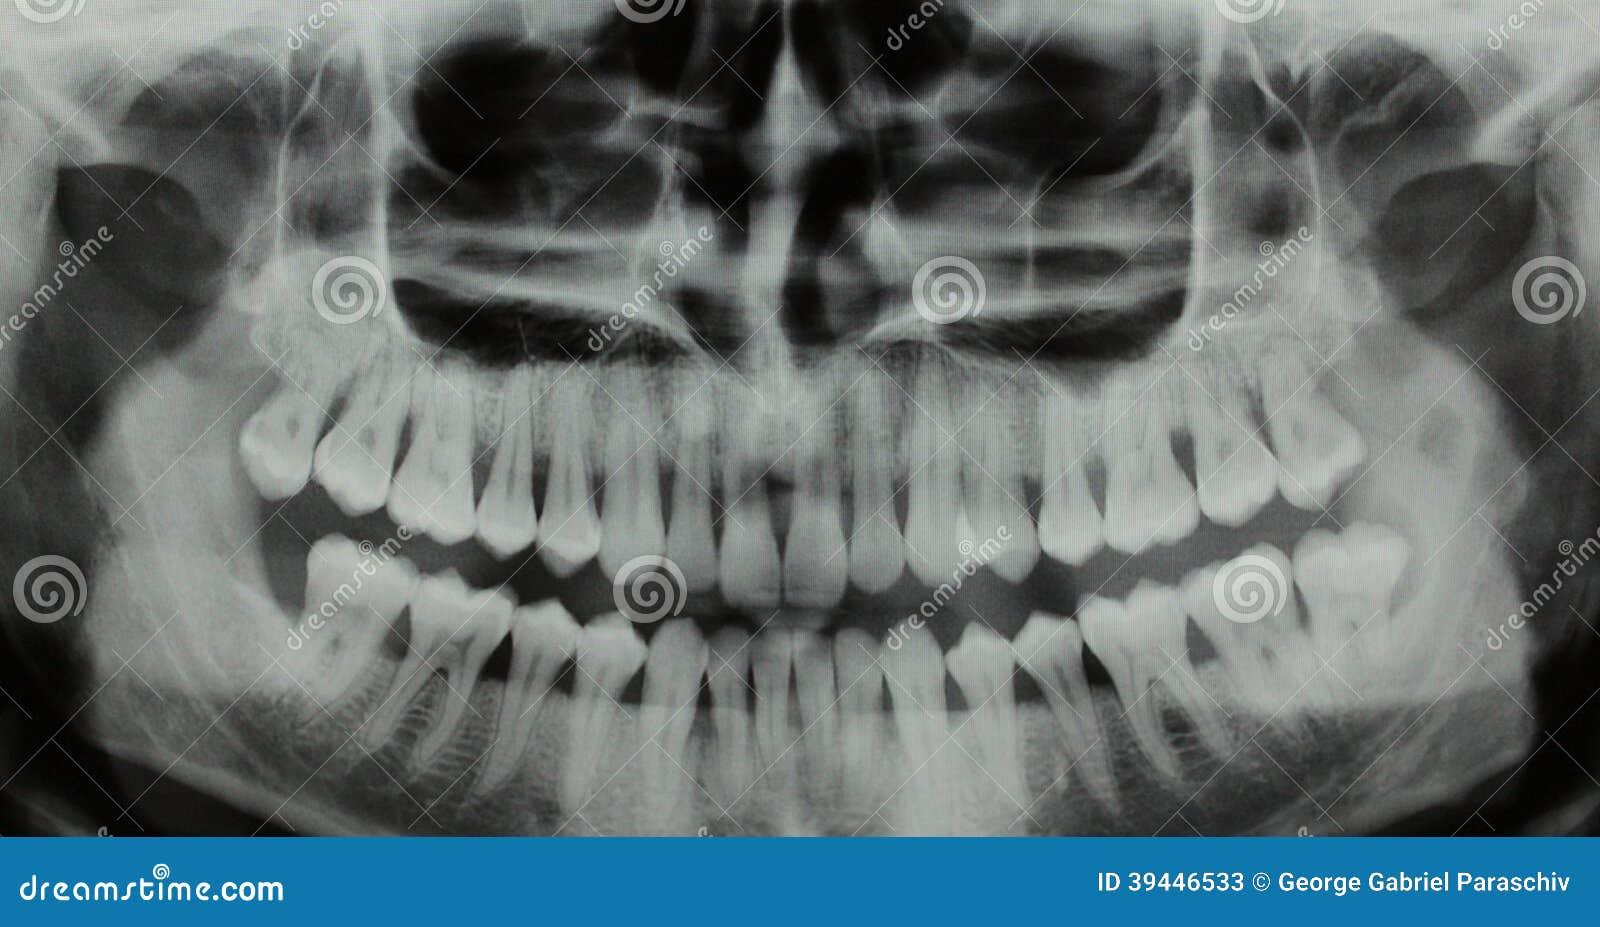 Raio X dental panorâmico - uma falta dos dentes de sabedoria